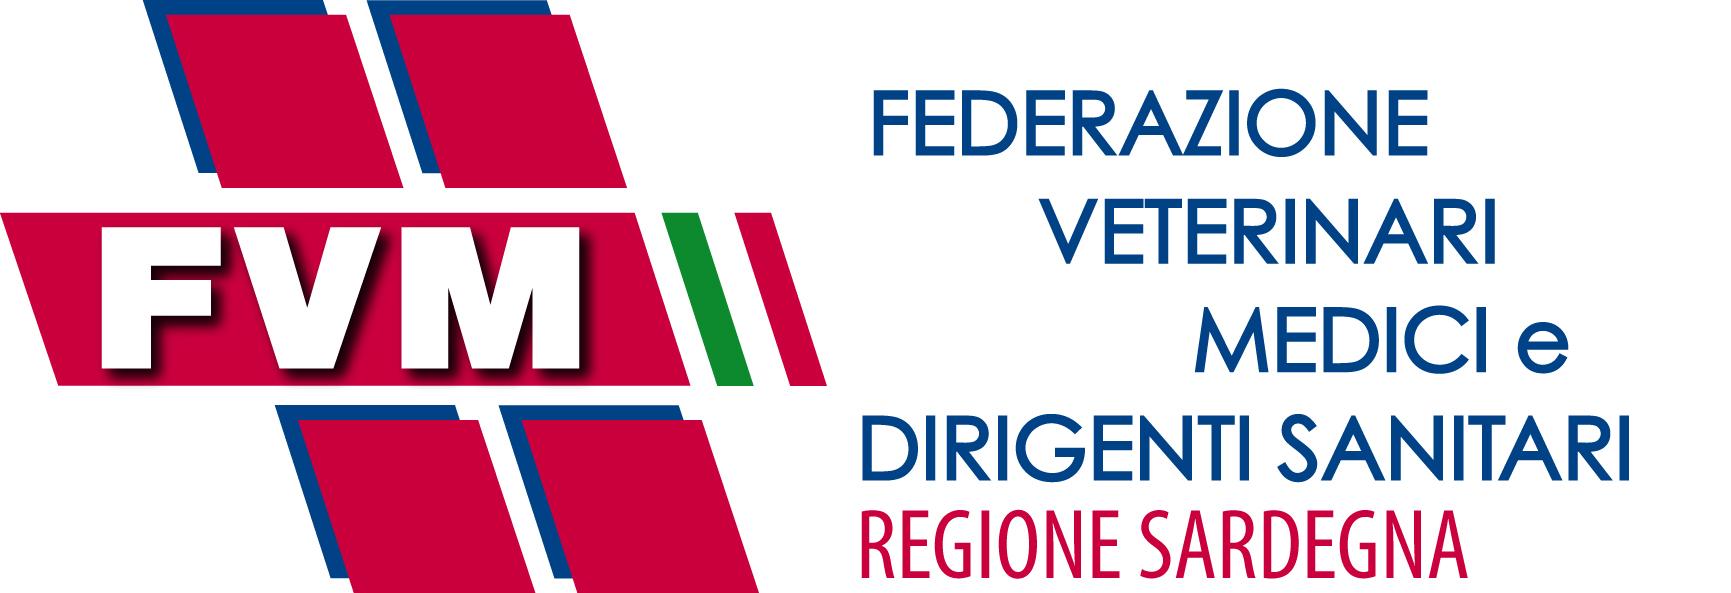 FVM SIVeMP Sardegna proclama lo stato di agitazione